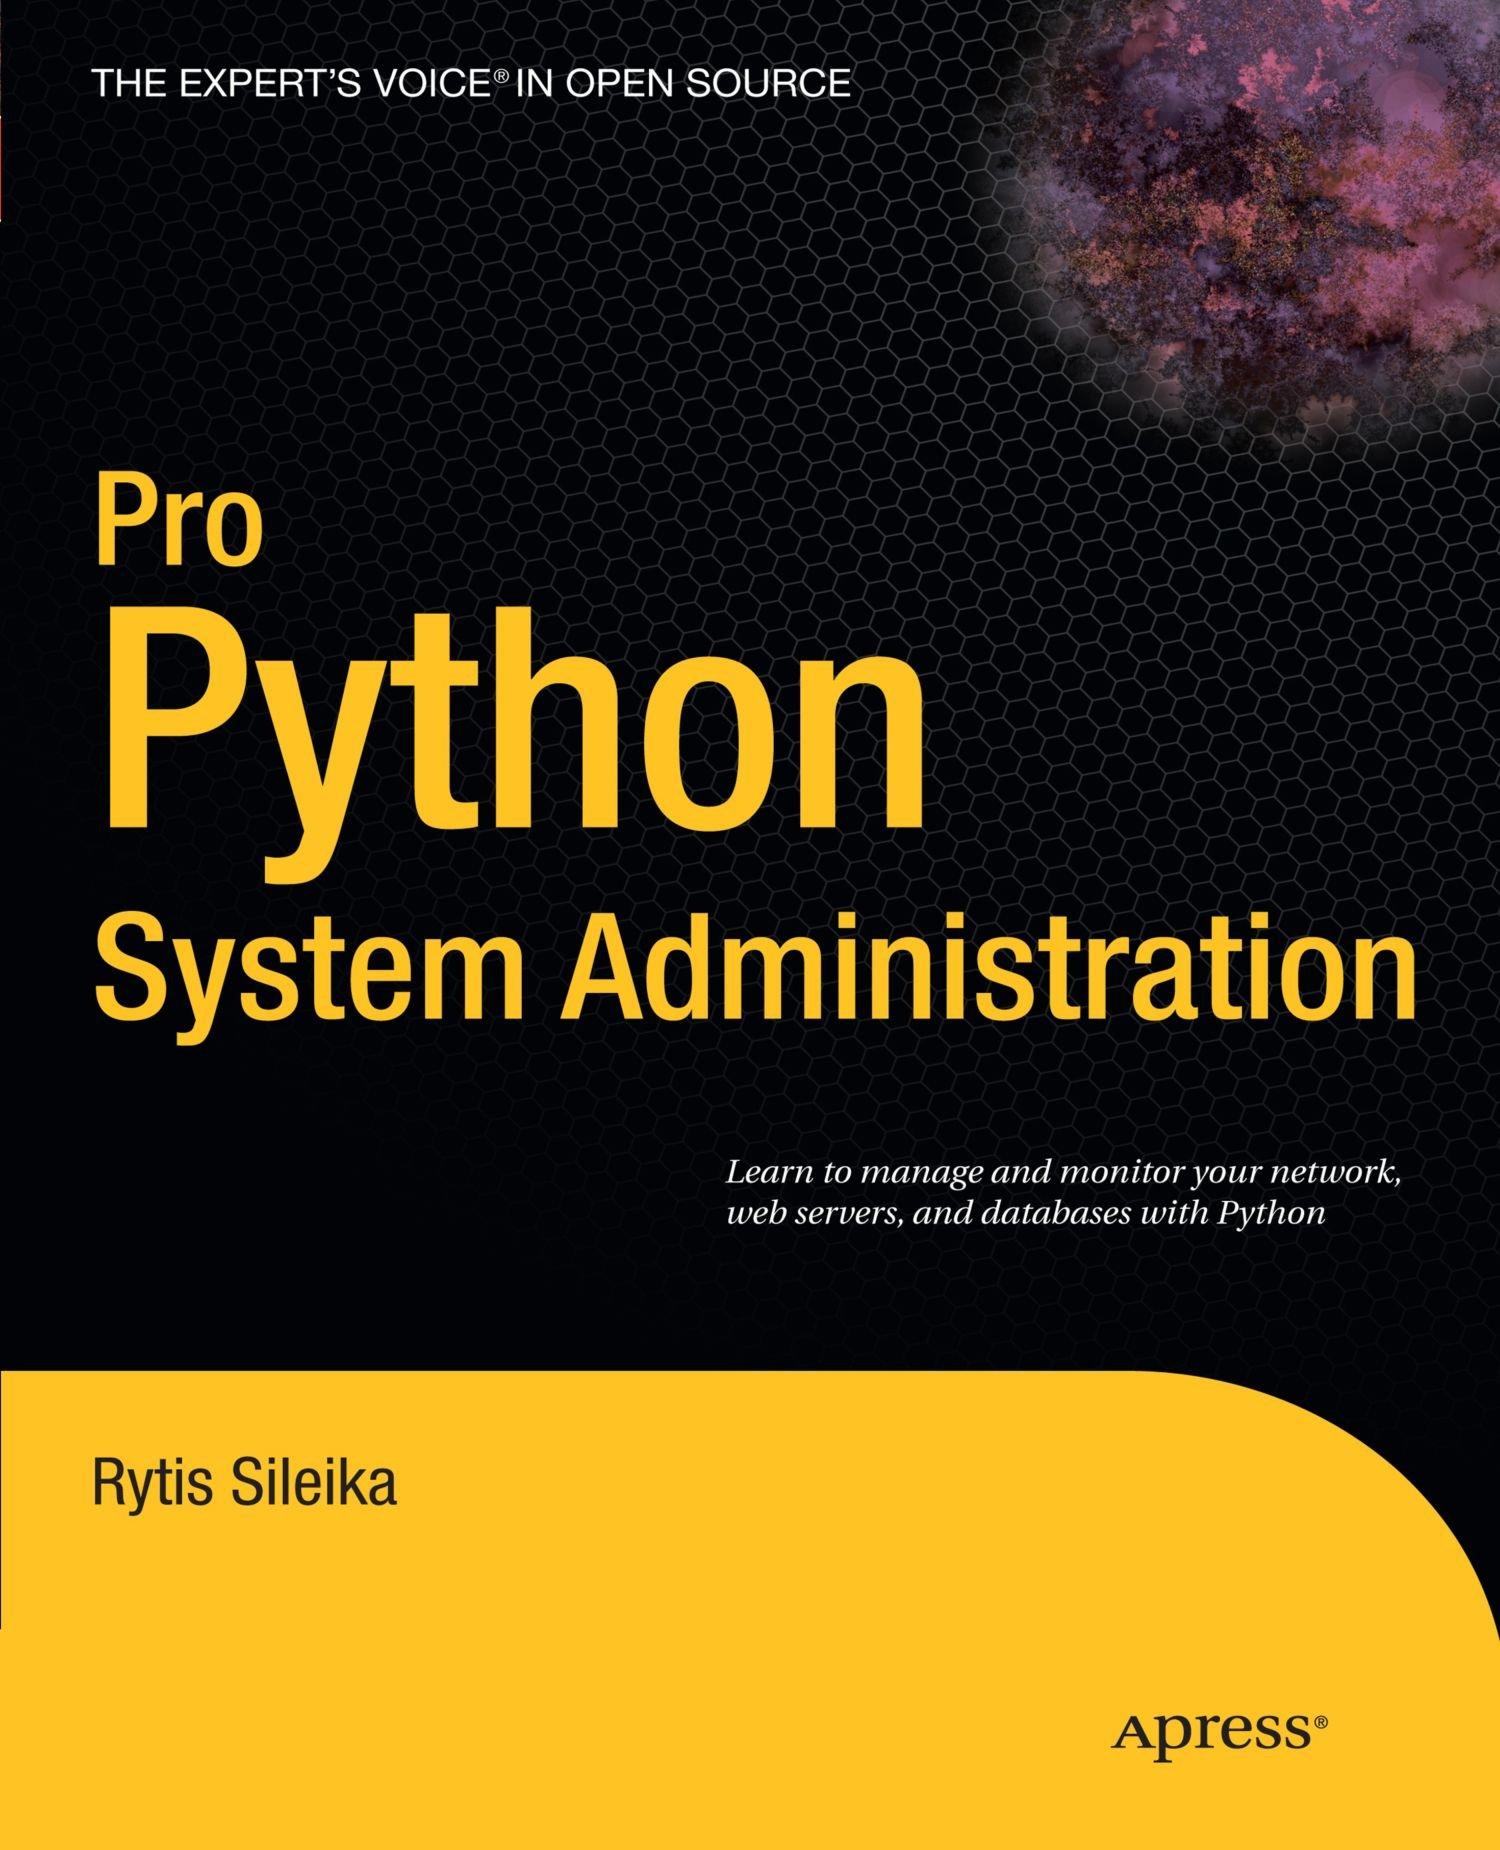 Pro Python System Administration by Brand: Apress